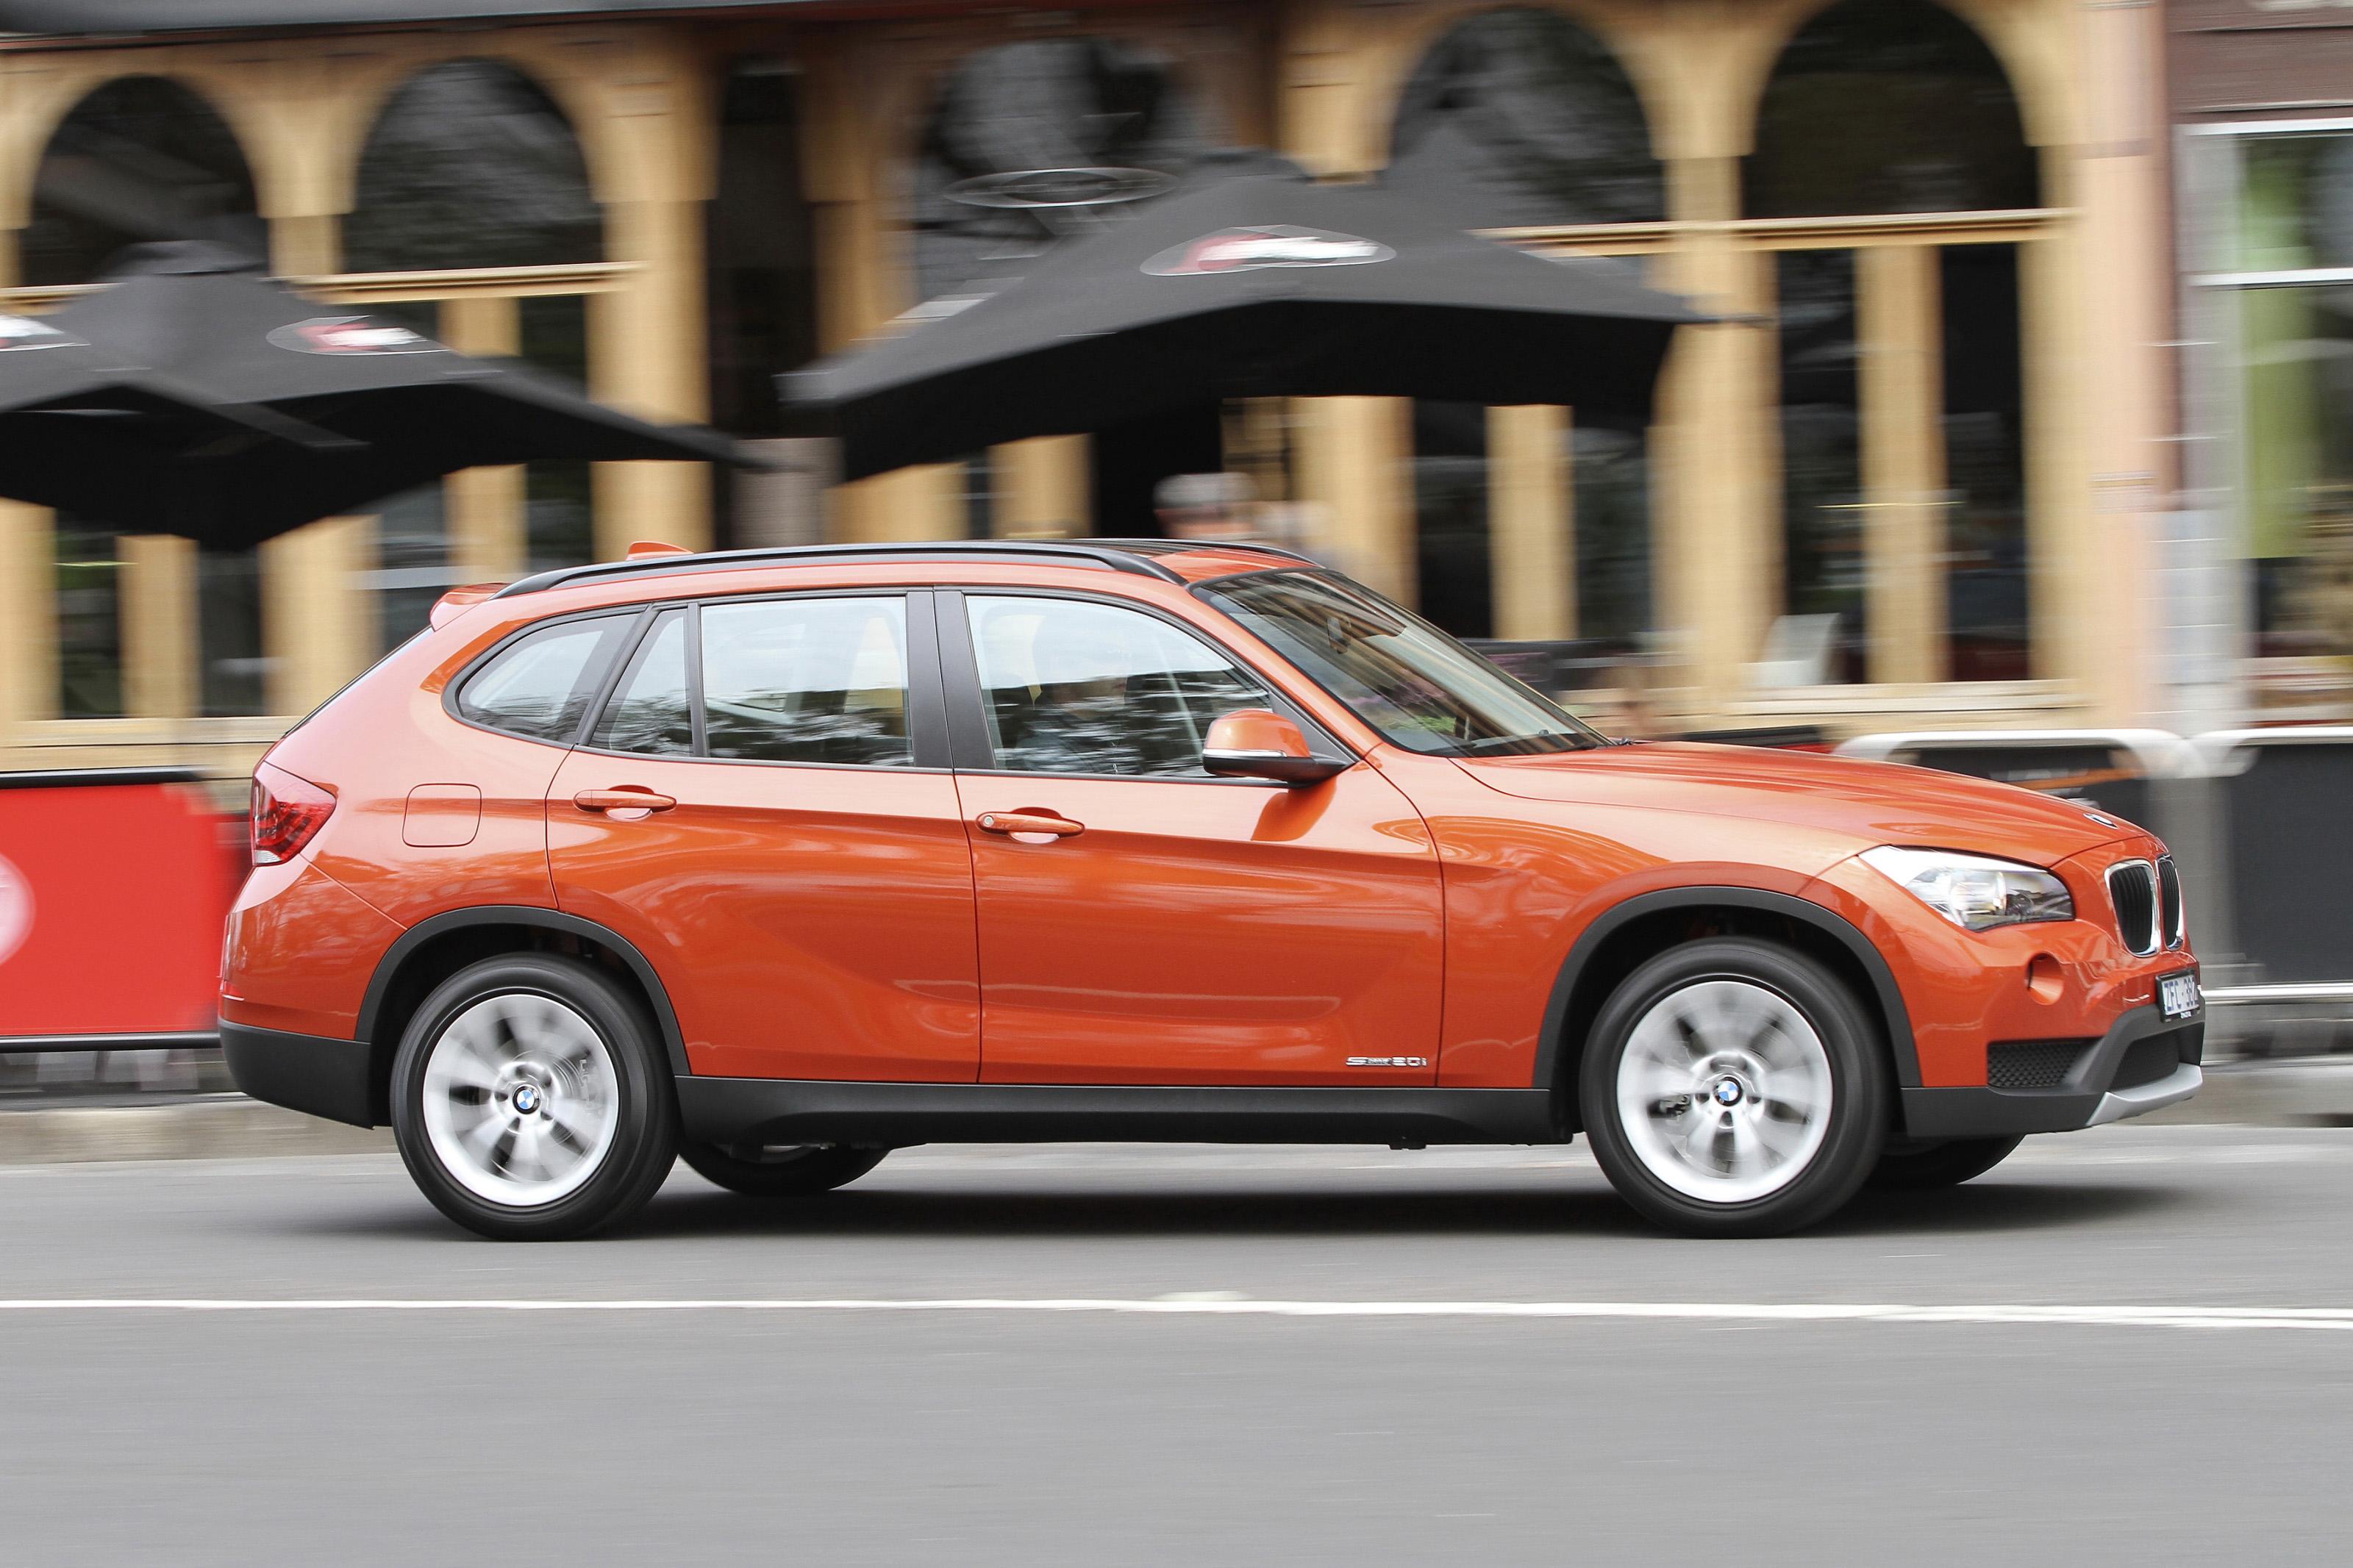 BMW X1: Between the lines - NZ Herald